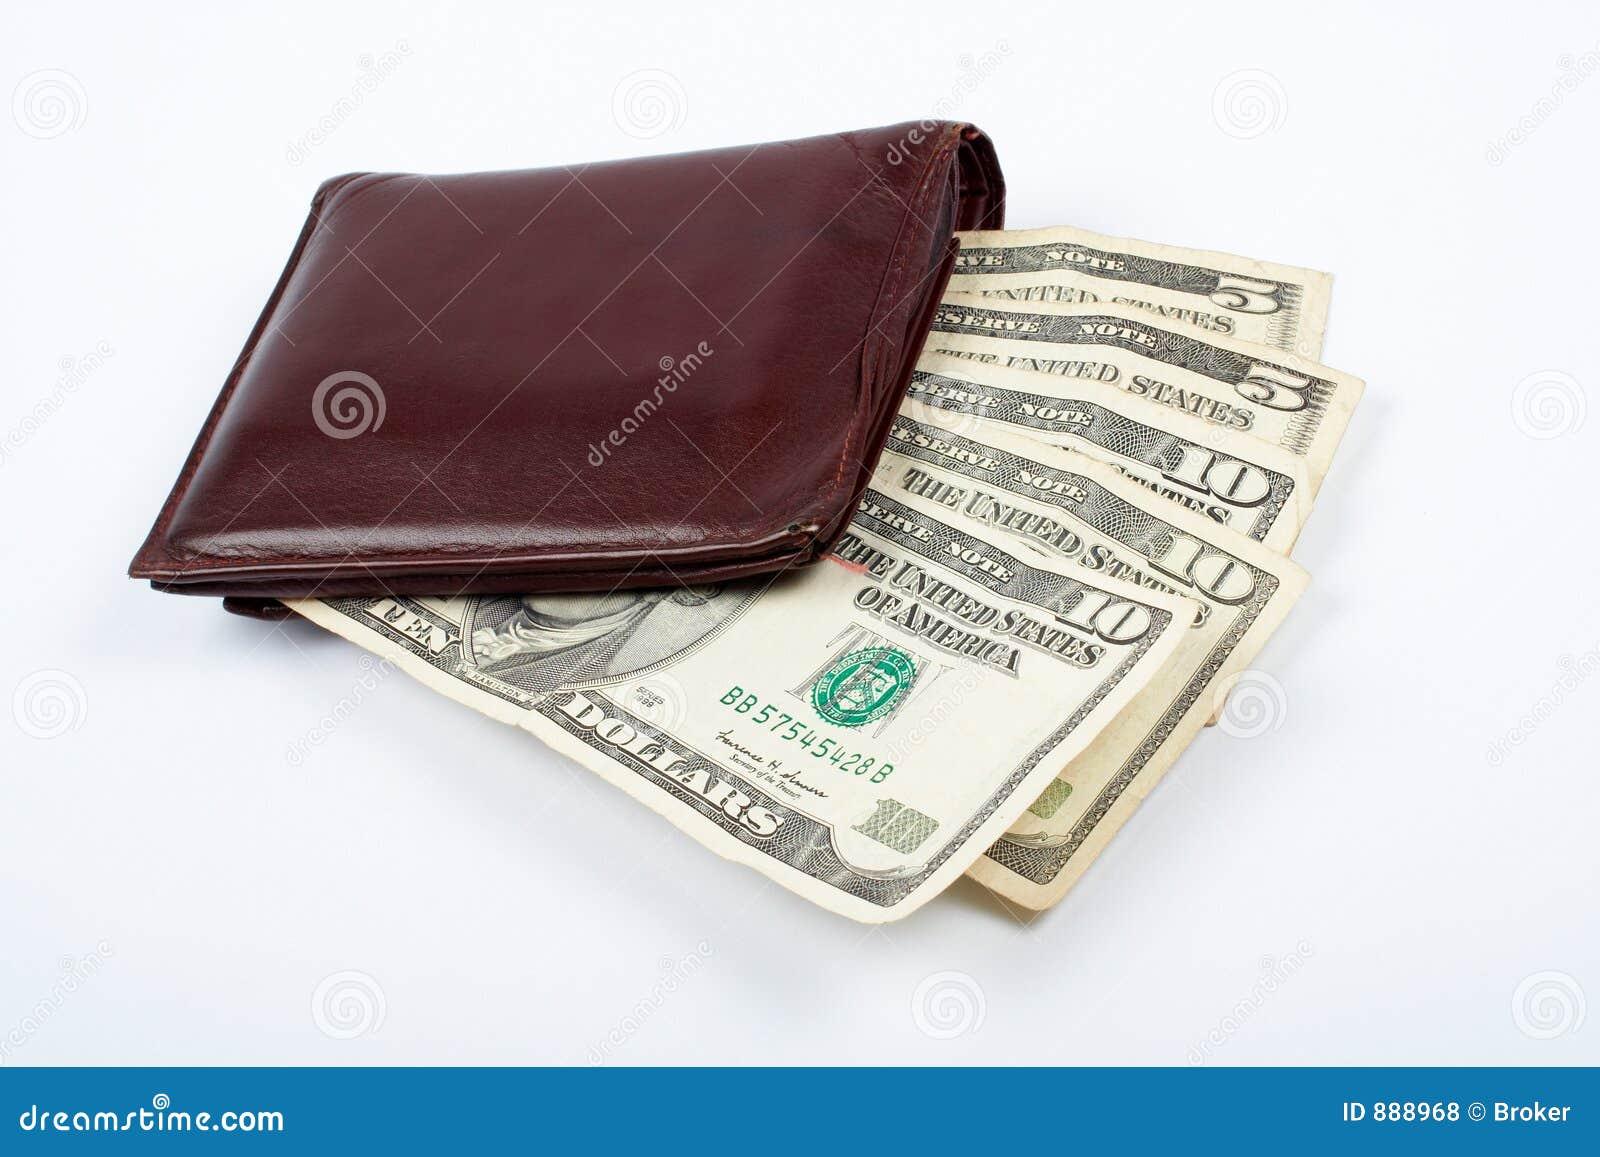 Rachunek w środku skórzany portfel stary